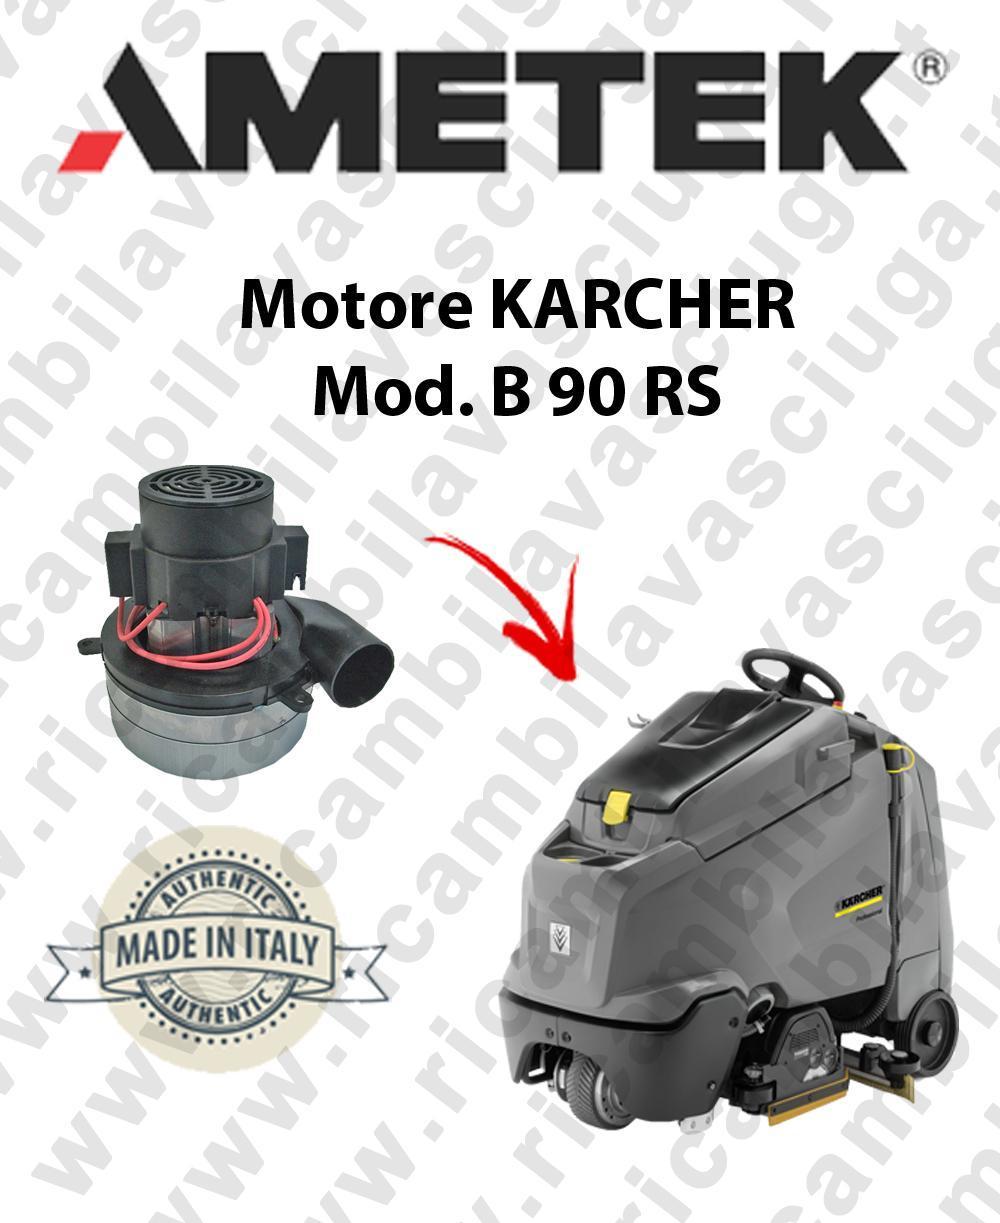 Karcher B 90 RS MOTORE aspirazione AMETEK lavapavimenti